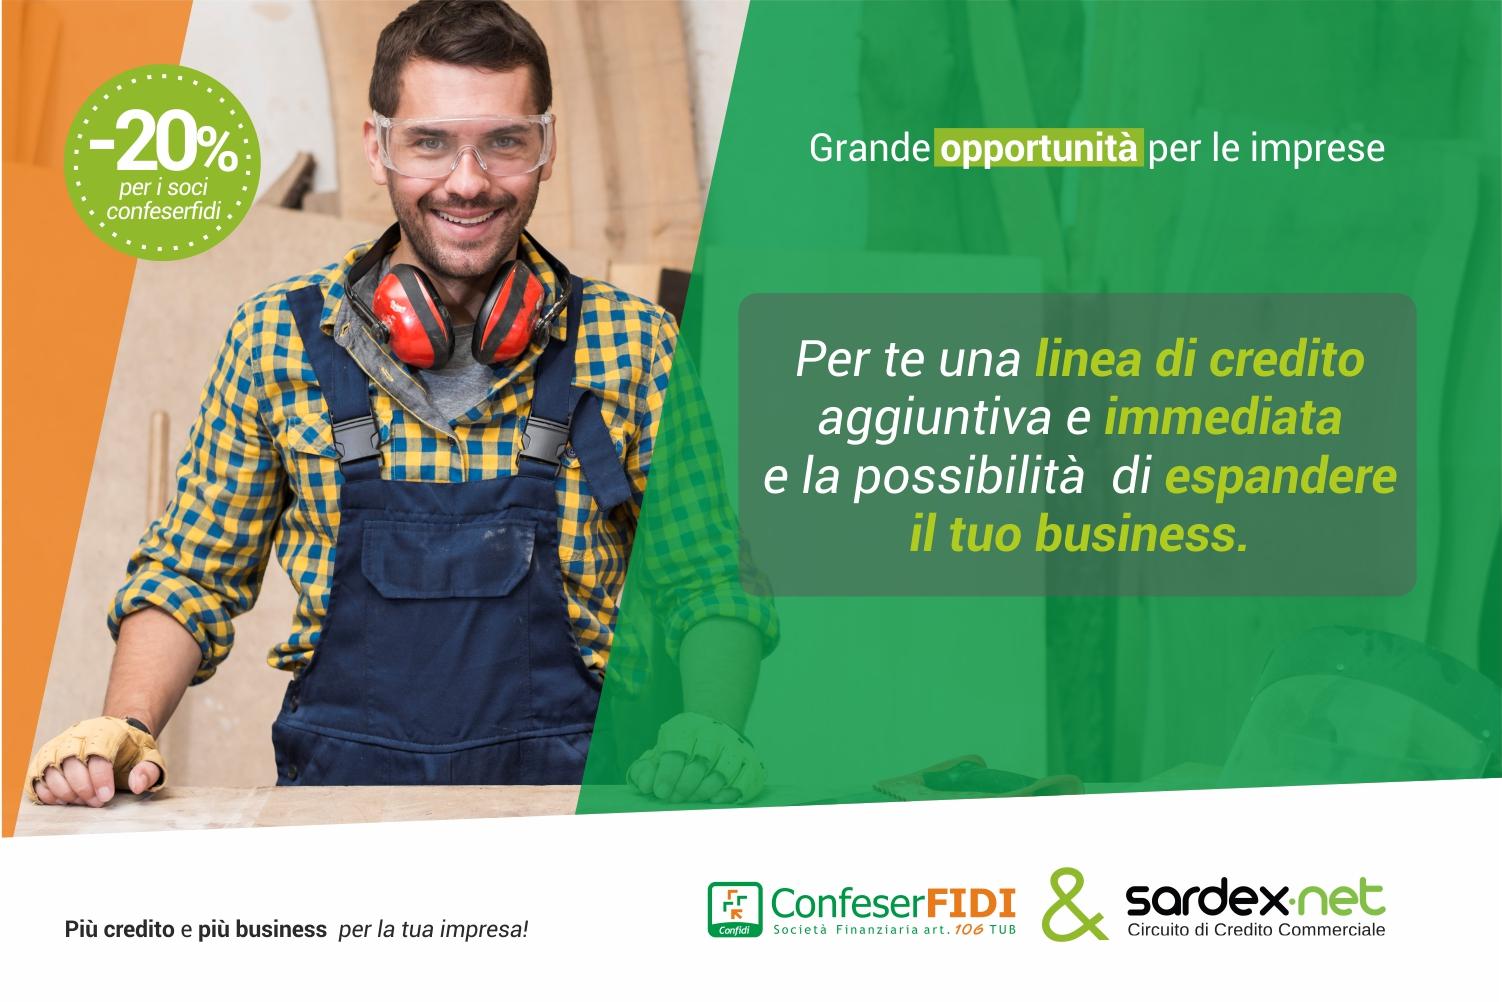 Accordo Confeserfidi-Sardex: per le 20mila imprese aderenti sospensione rate, liquidità immediata e finanziamenti a tasso zero